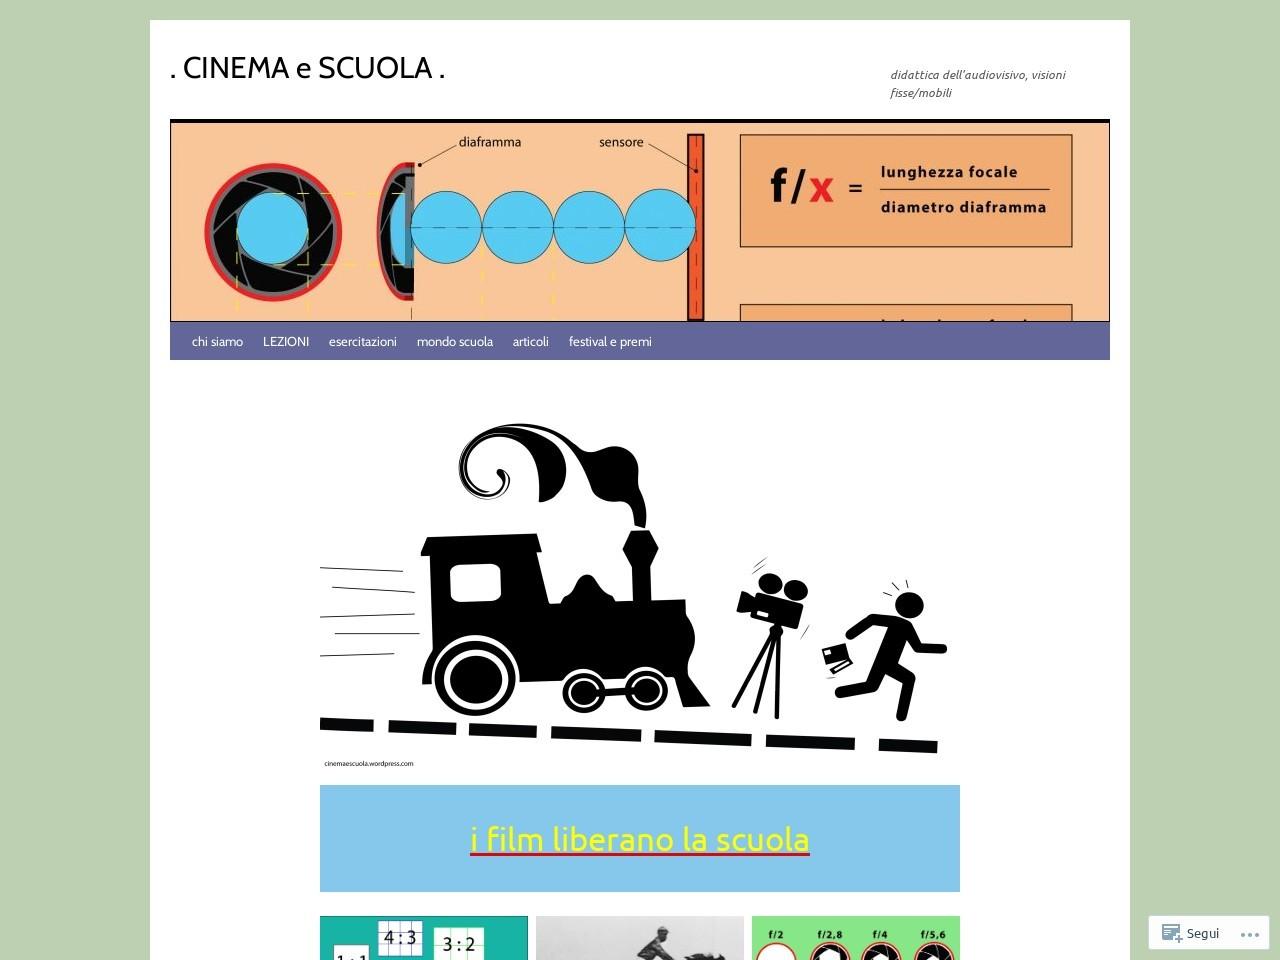 cinema-e-scuola